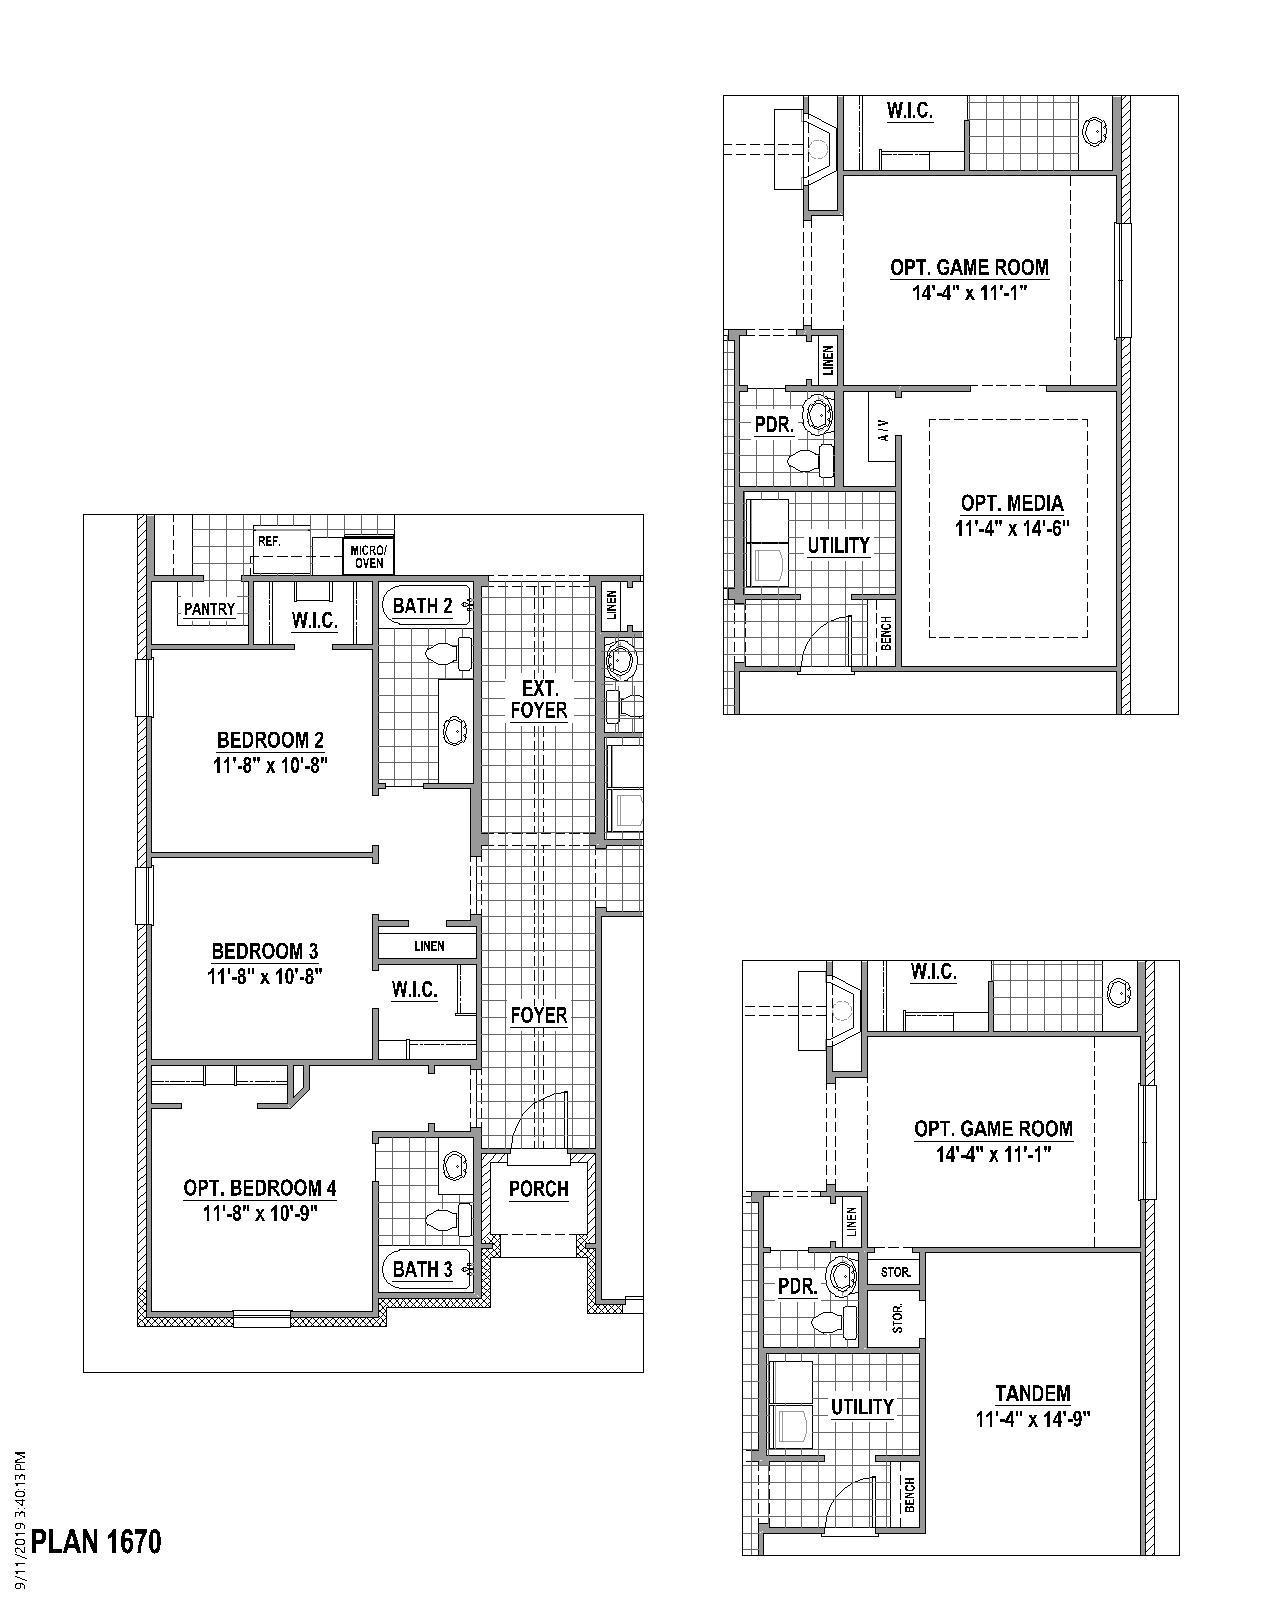 Plan 1670 1